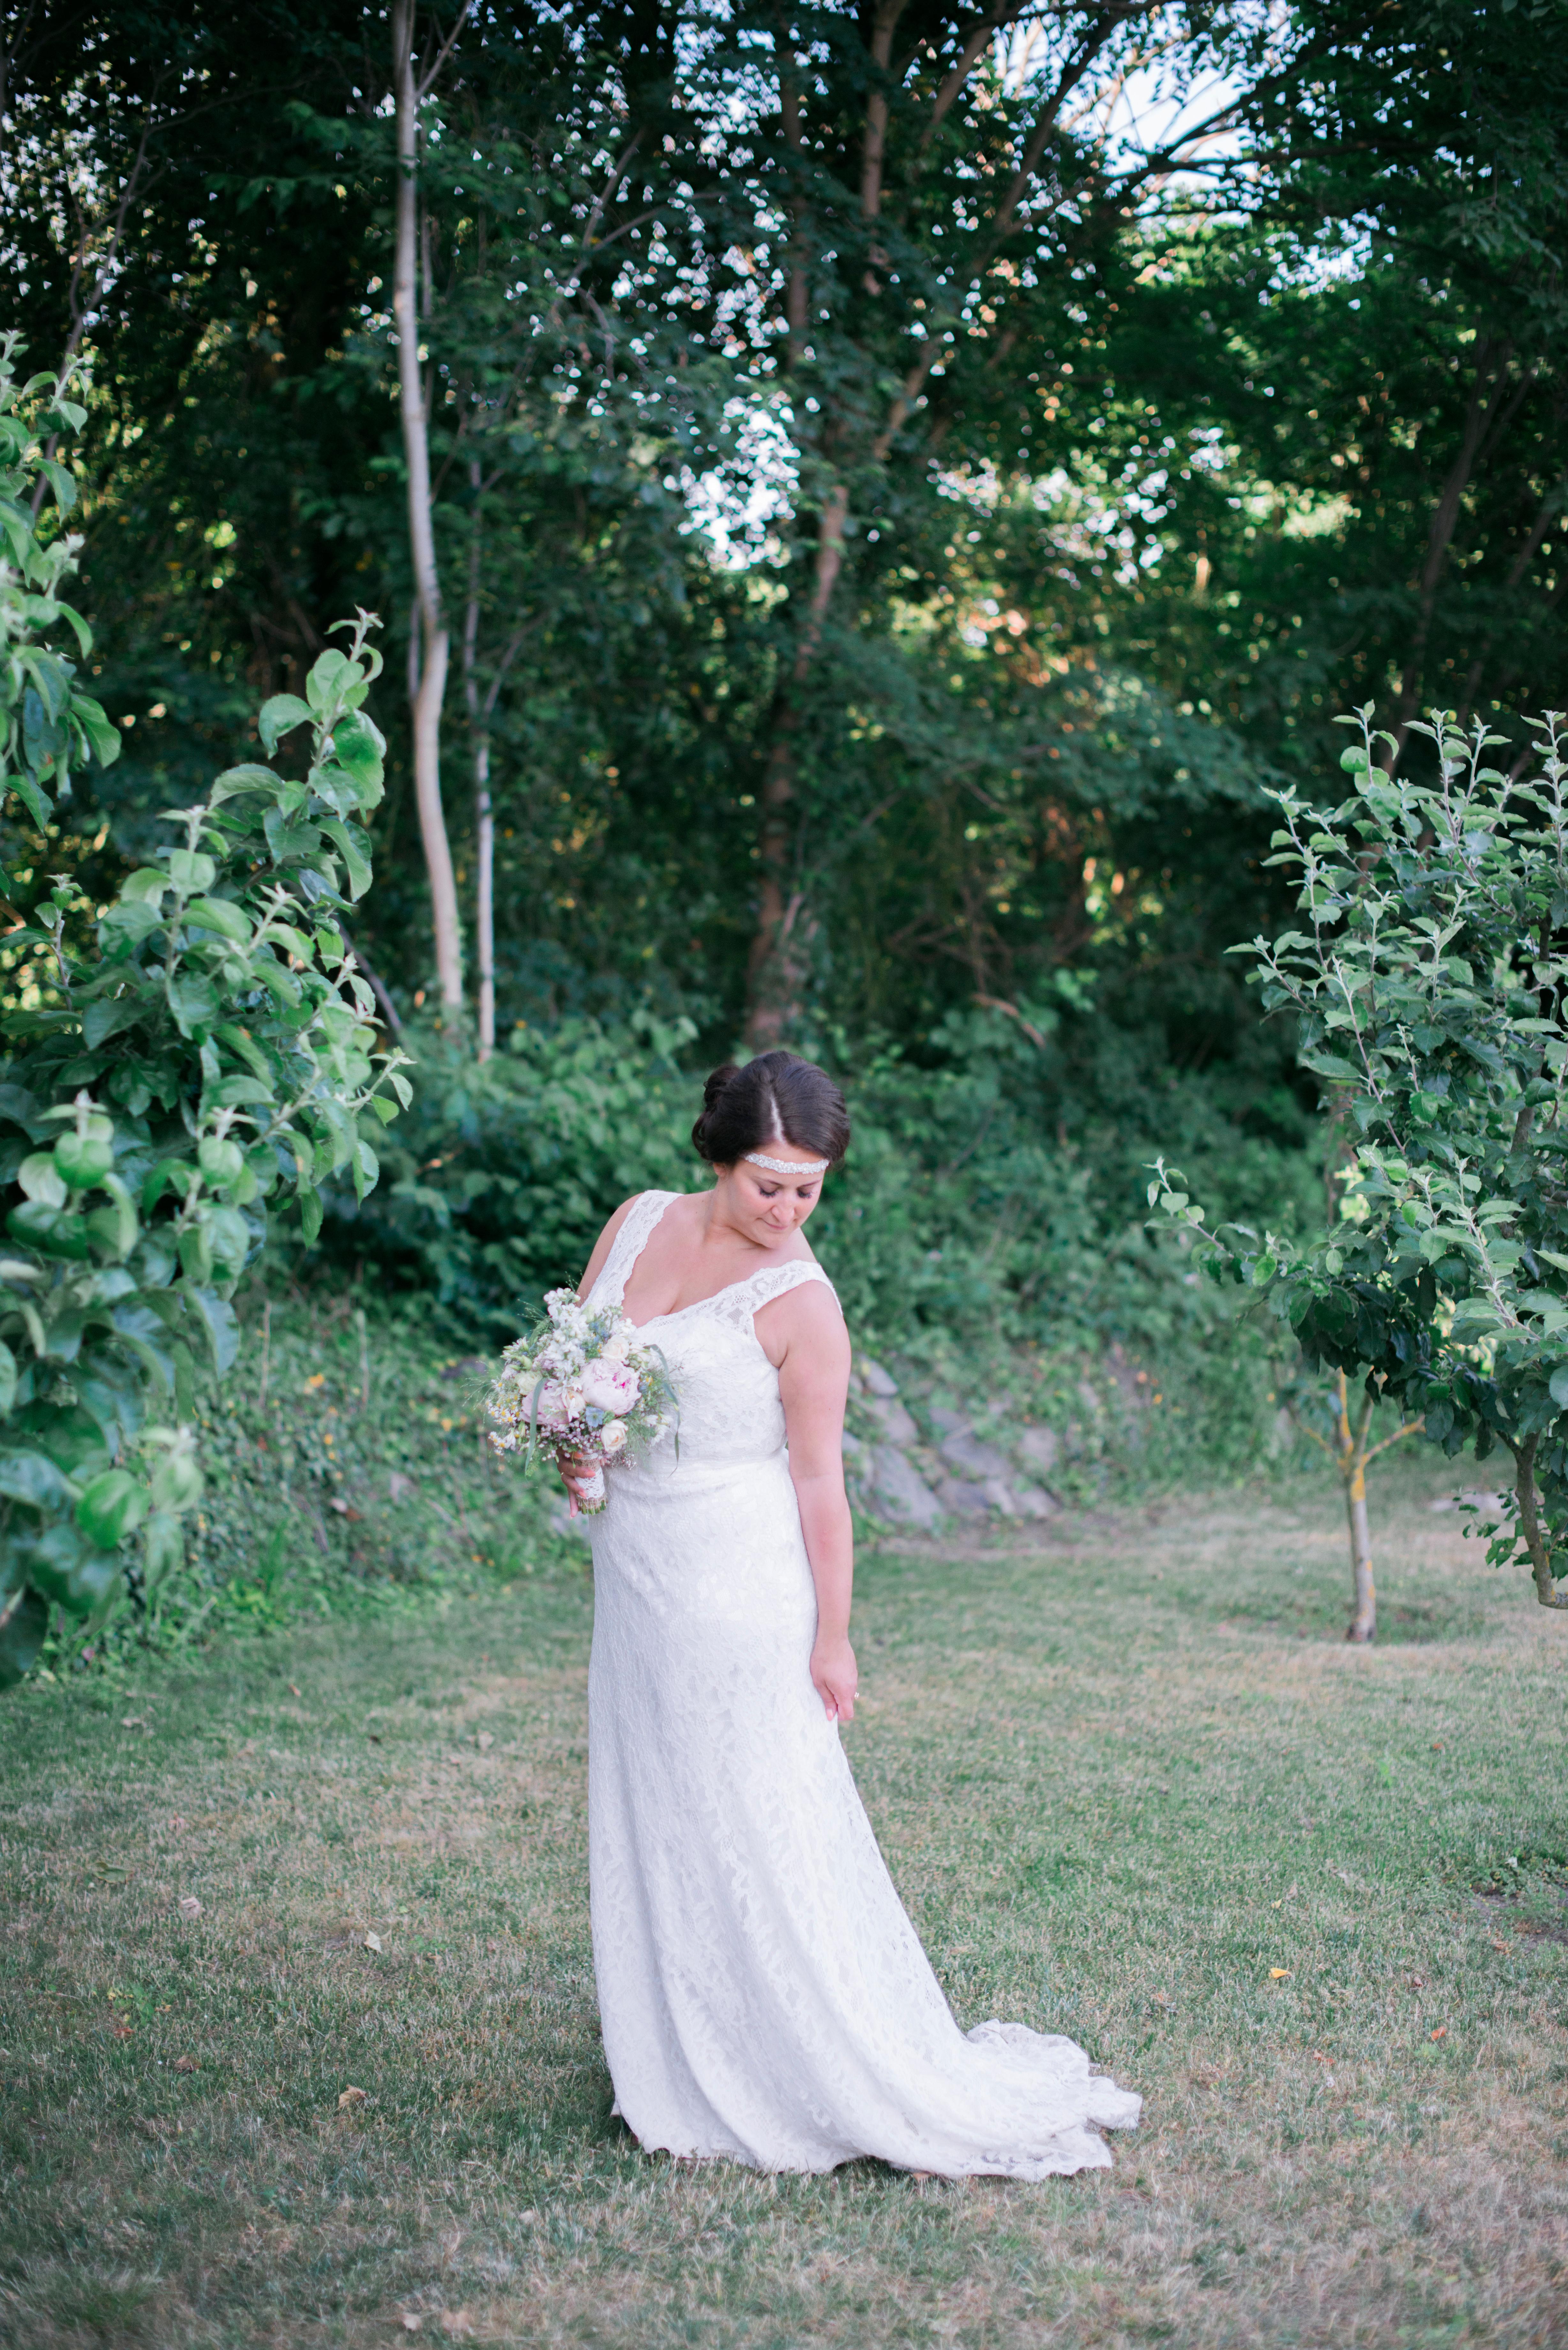 KathleenWelkerPhotography_Hochzeit-am-See-Paarfotos-Schaarlsee-Bride-Groom-Hochzeit-10